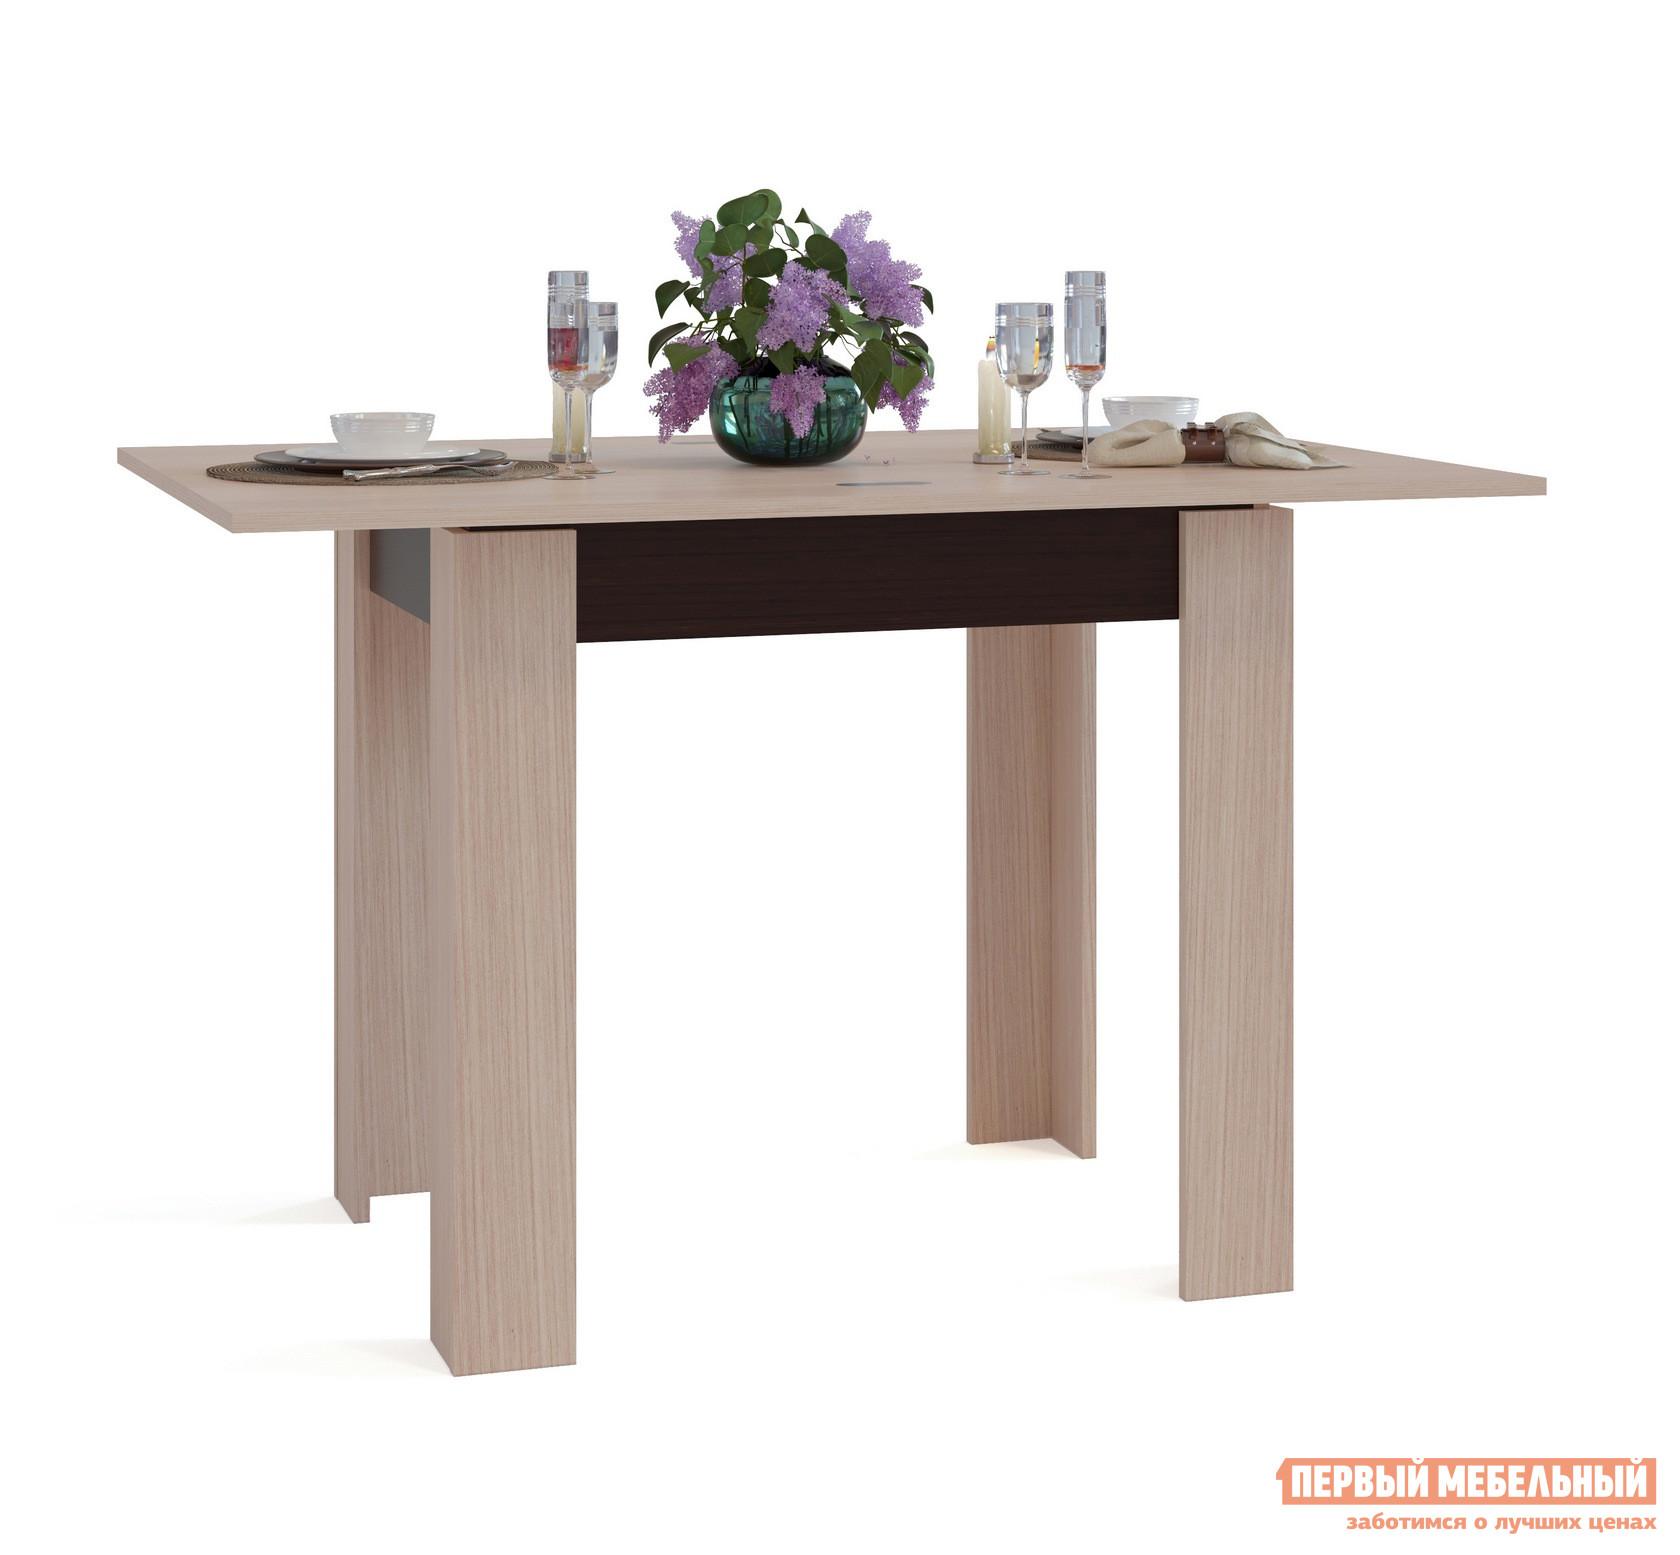 Кухонный стол Сокол СО-1 Подстолье Венге / Столешница, ножки Беленый дуб